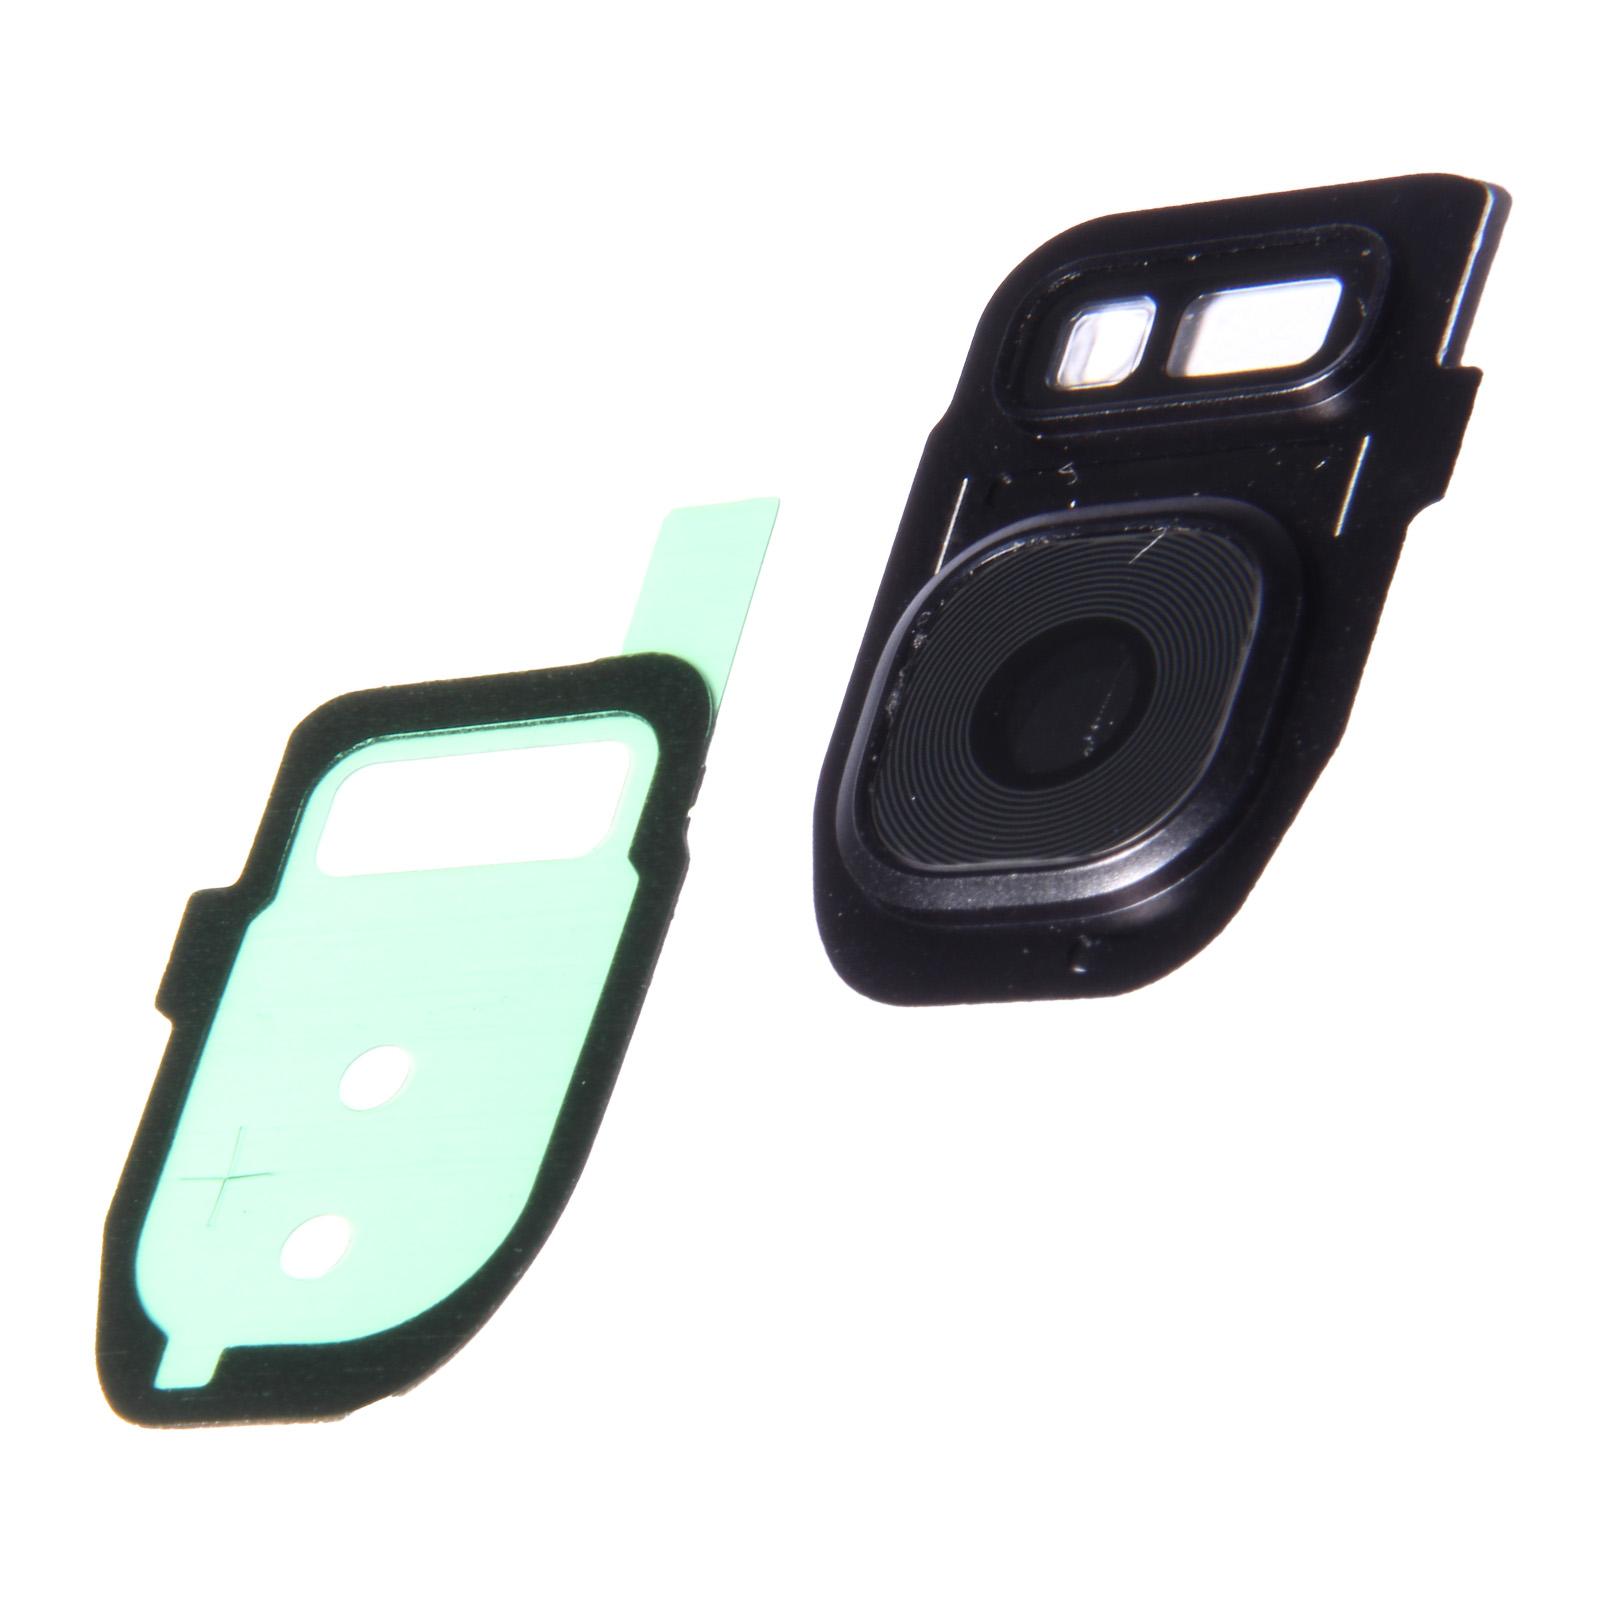 lens glas for kamera back with frame for samsung galaxy s7 edge black. Black Bedroom Furniture Sets. Home Design Ideas